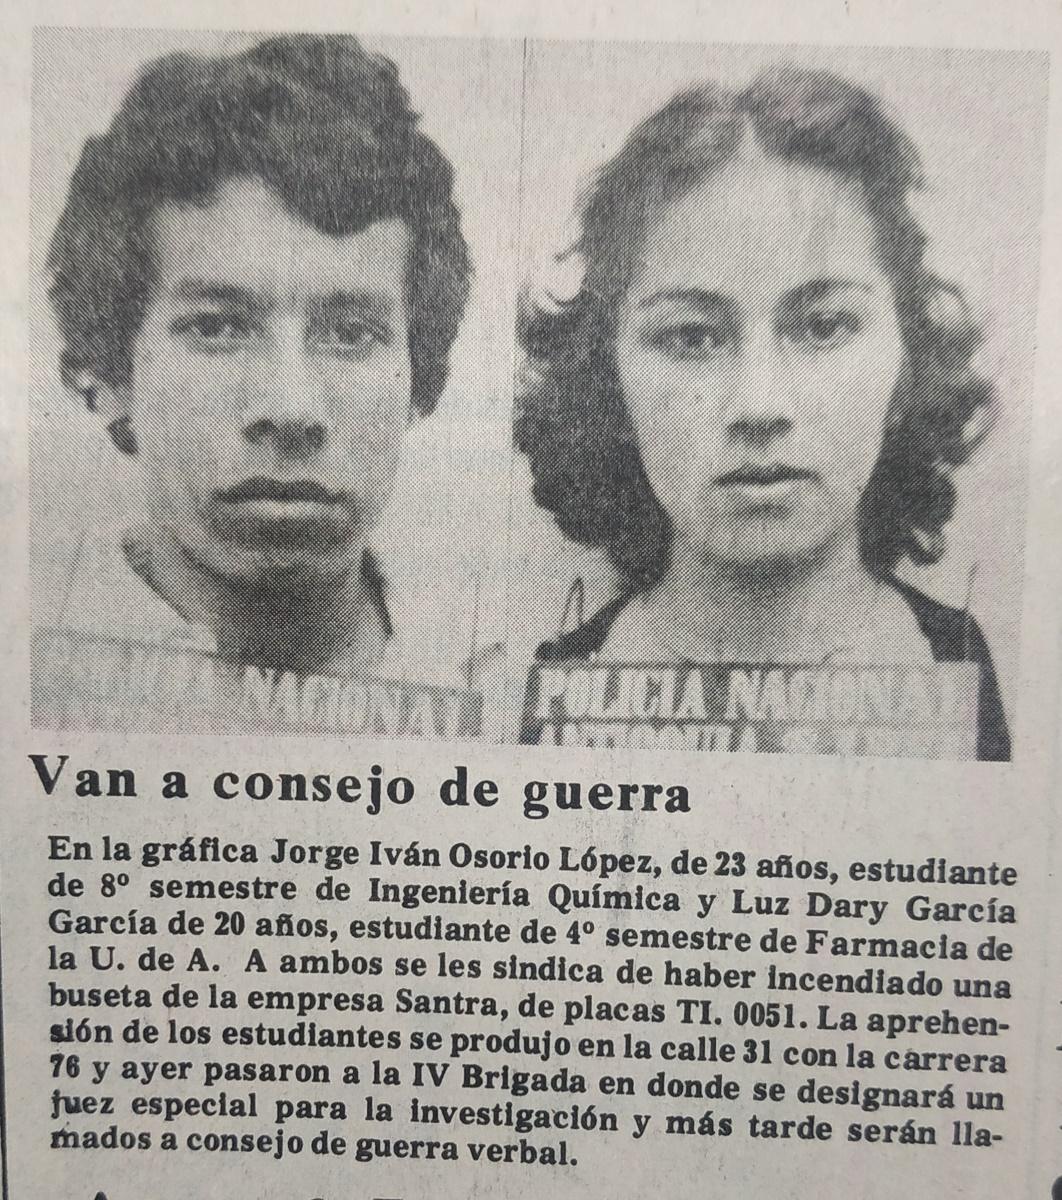 Fotografía tomada de la edición del 19 de mayo de 1978 del periódico El Colombiano